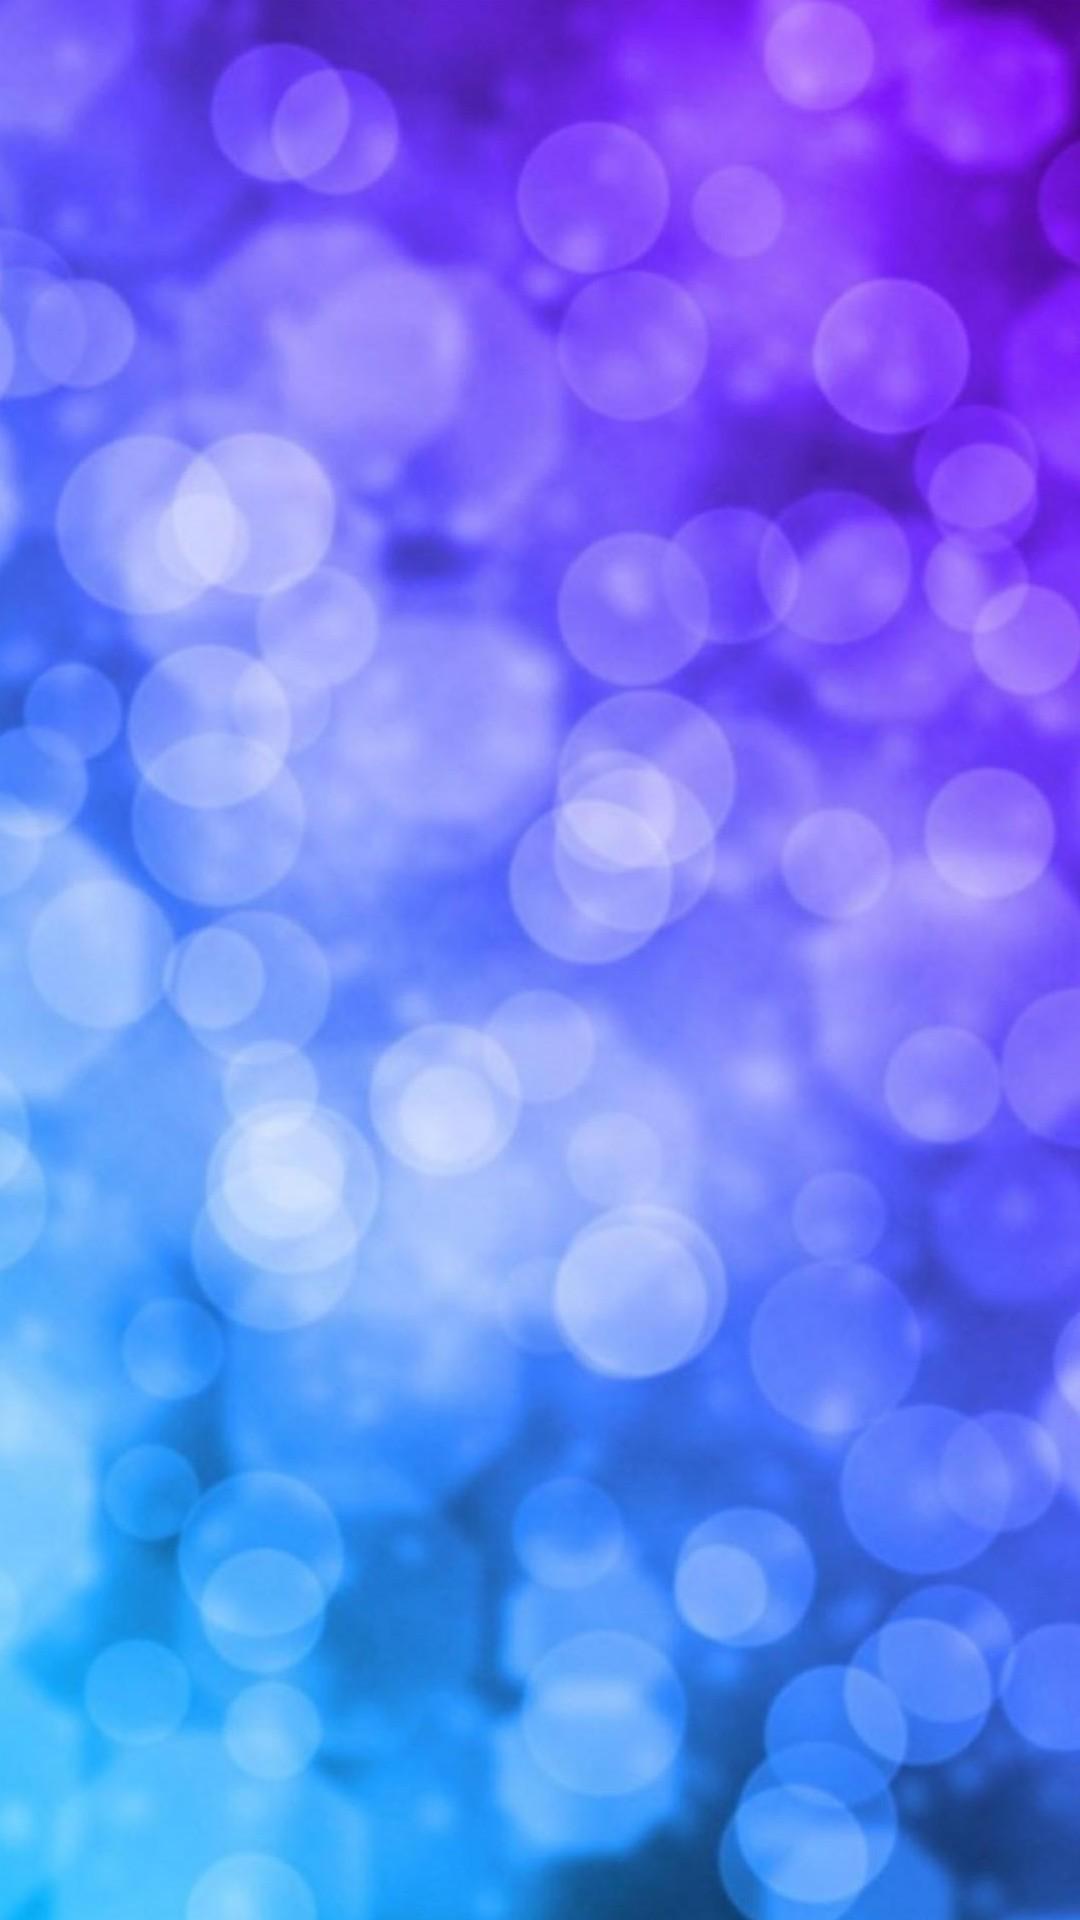 Purple Music Notes Wallpaper color design art